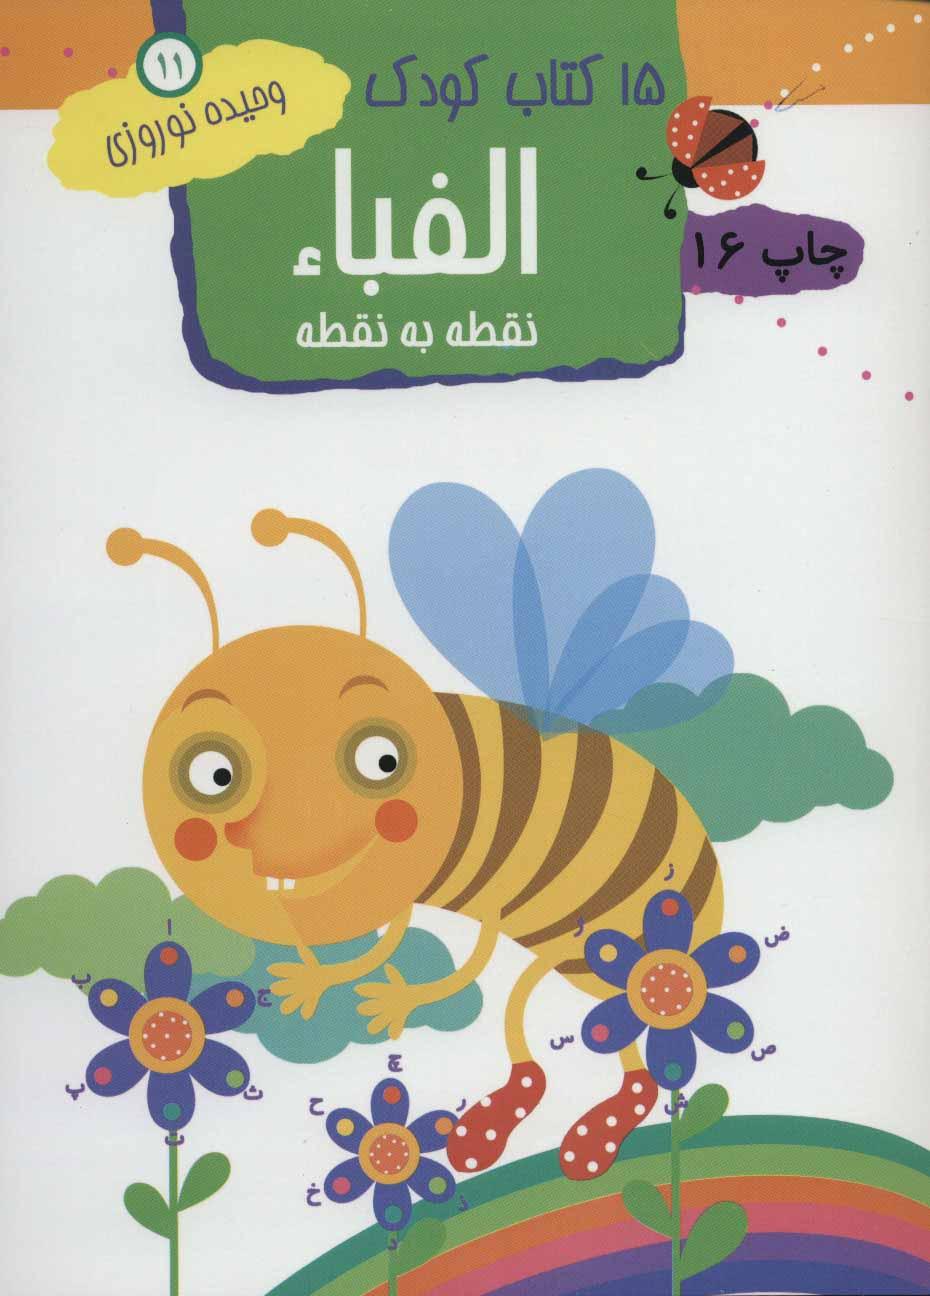 15 کتاب کودک11 (الفبا:نقطه به نقطه)